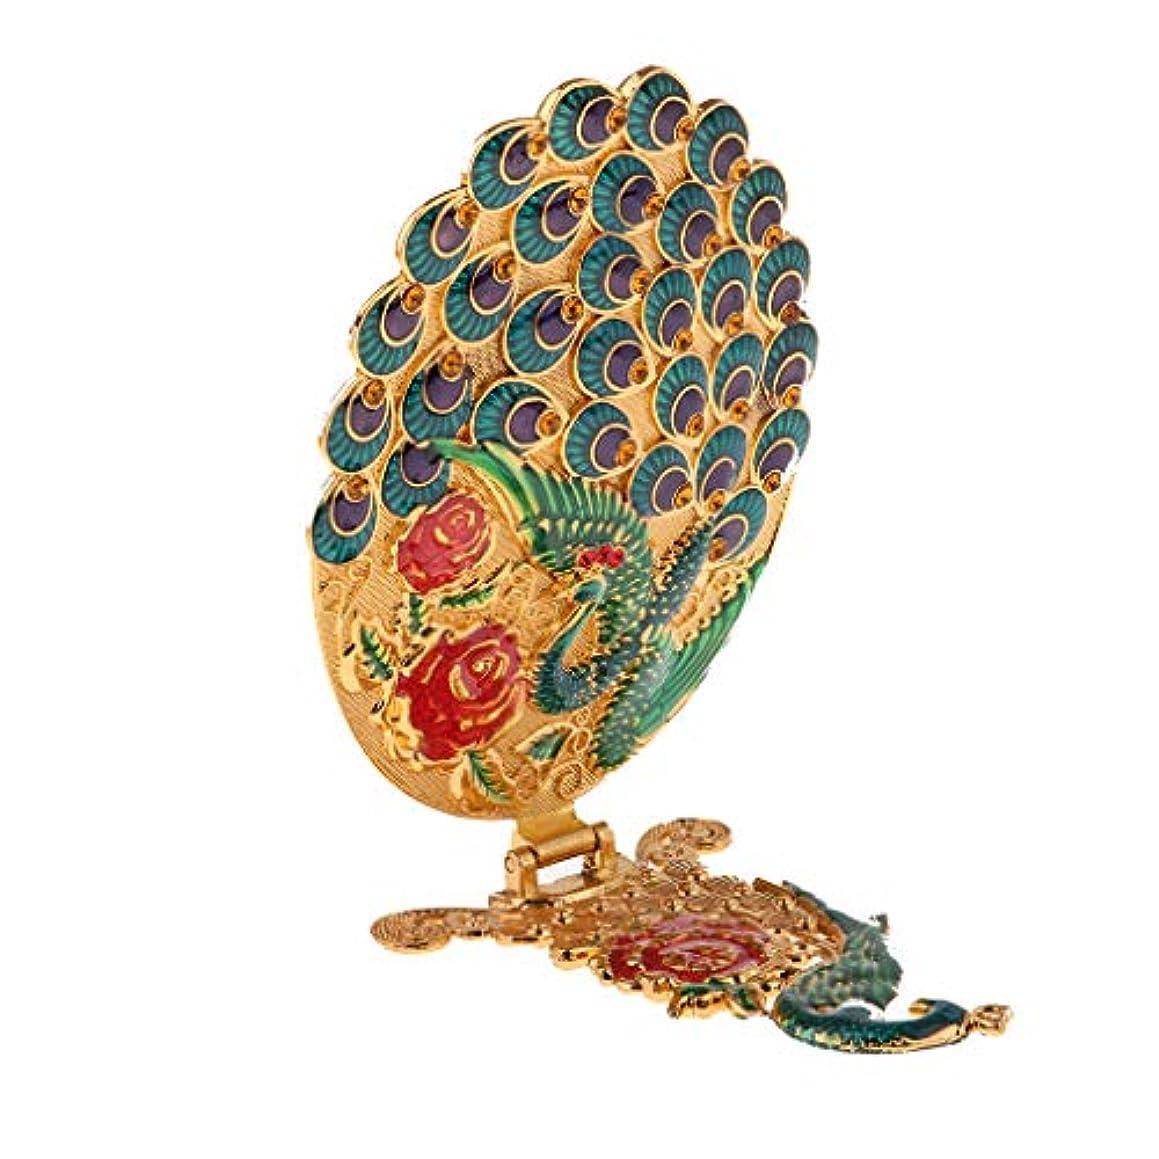 アルミニウムチェリーけん引折りたたみミラー 卓上鏡 孔雀の形 フェイスケアツール ビンテージロイヤル柄 化粧品ツール 全3色 - 青